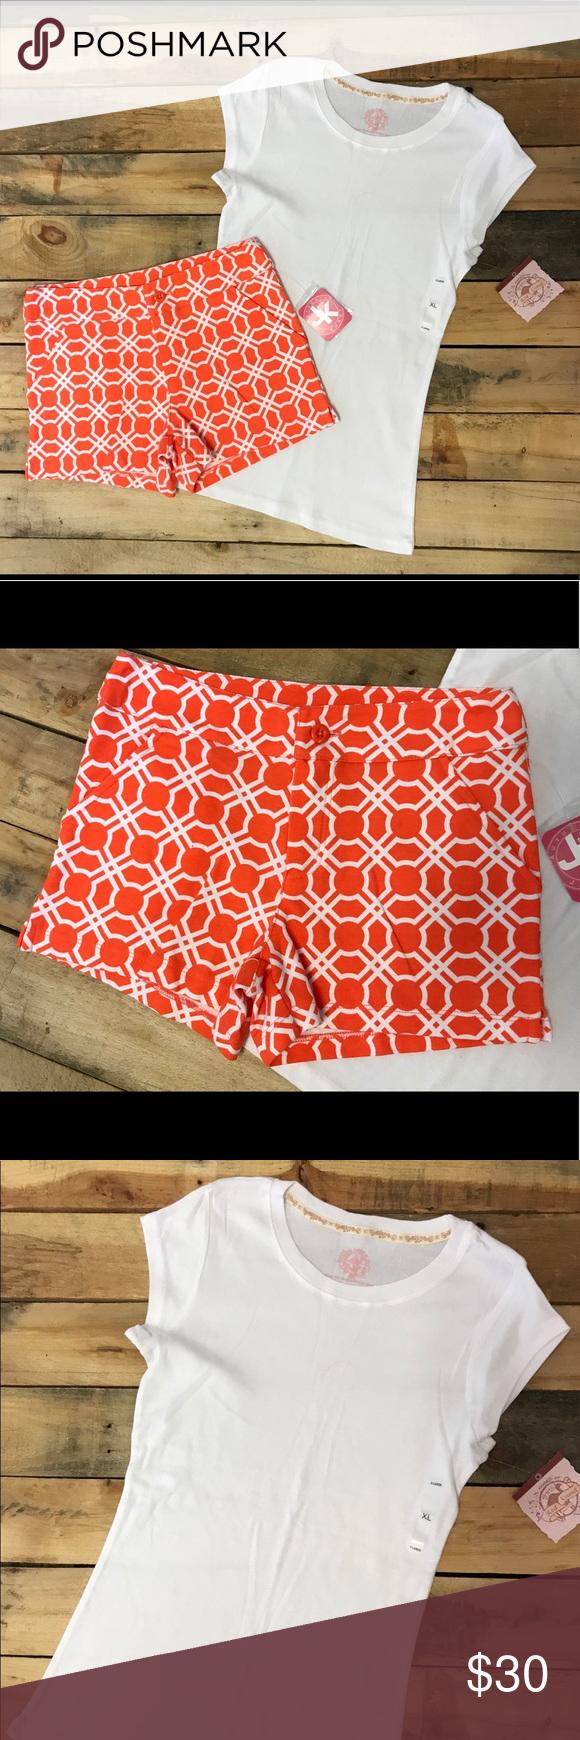 634a81c697a1 Girls Orange Shorts   White Top Size L NWT